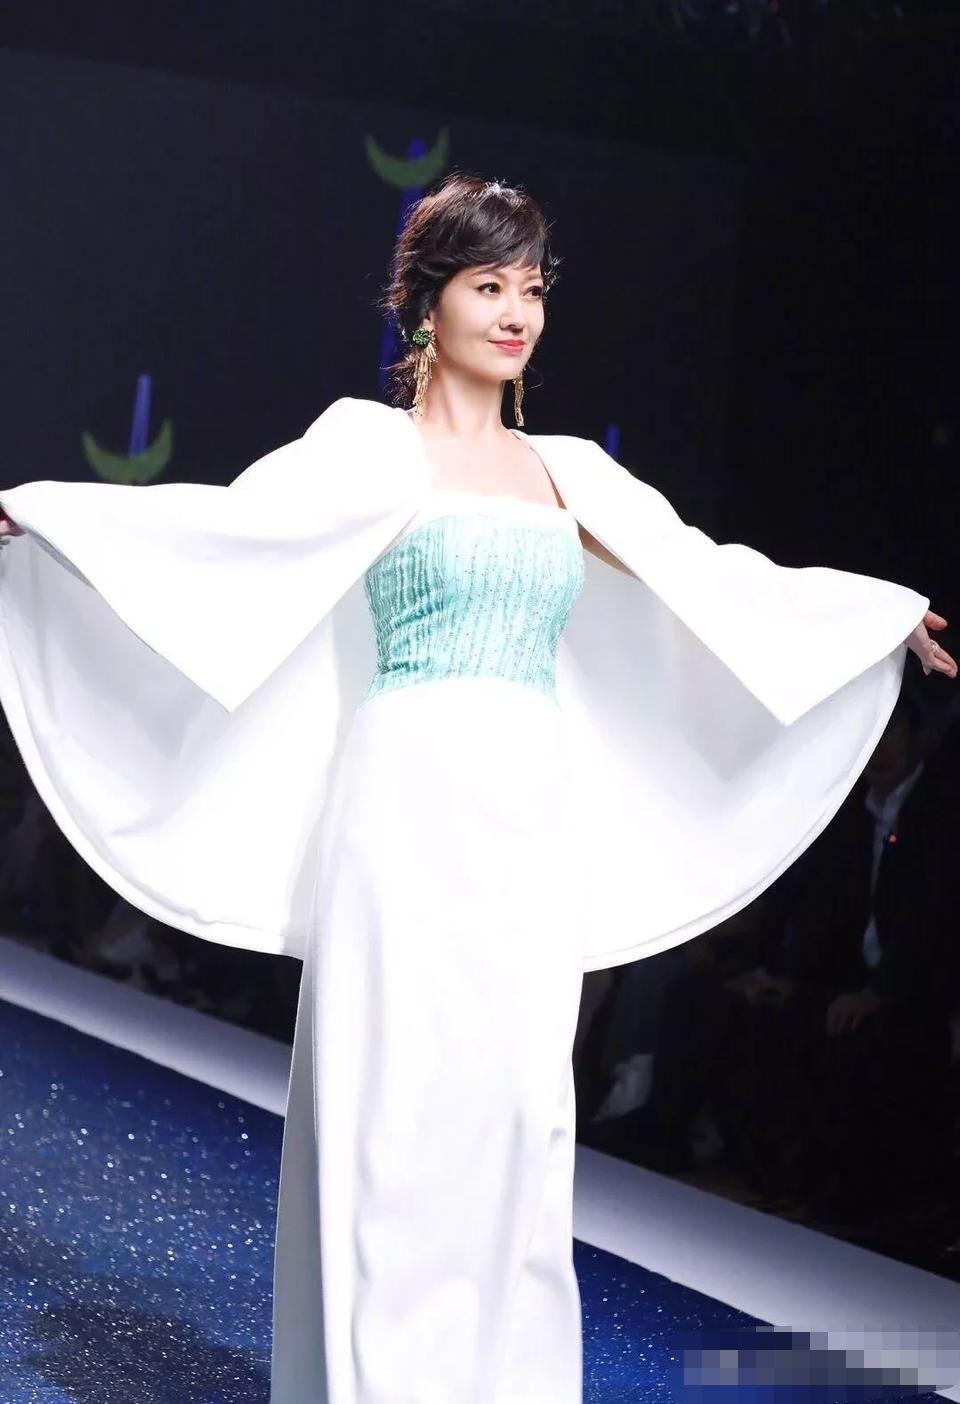 64岁赵雅芝穿白袍T台走秀,美回白娘子,体态优雅不输超模!